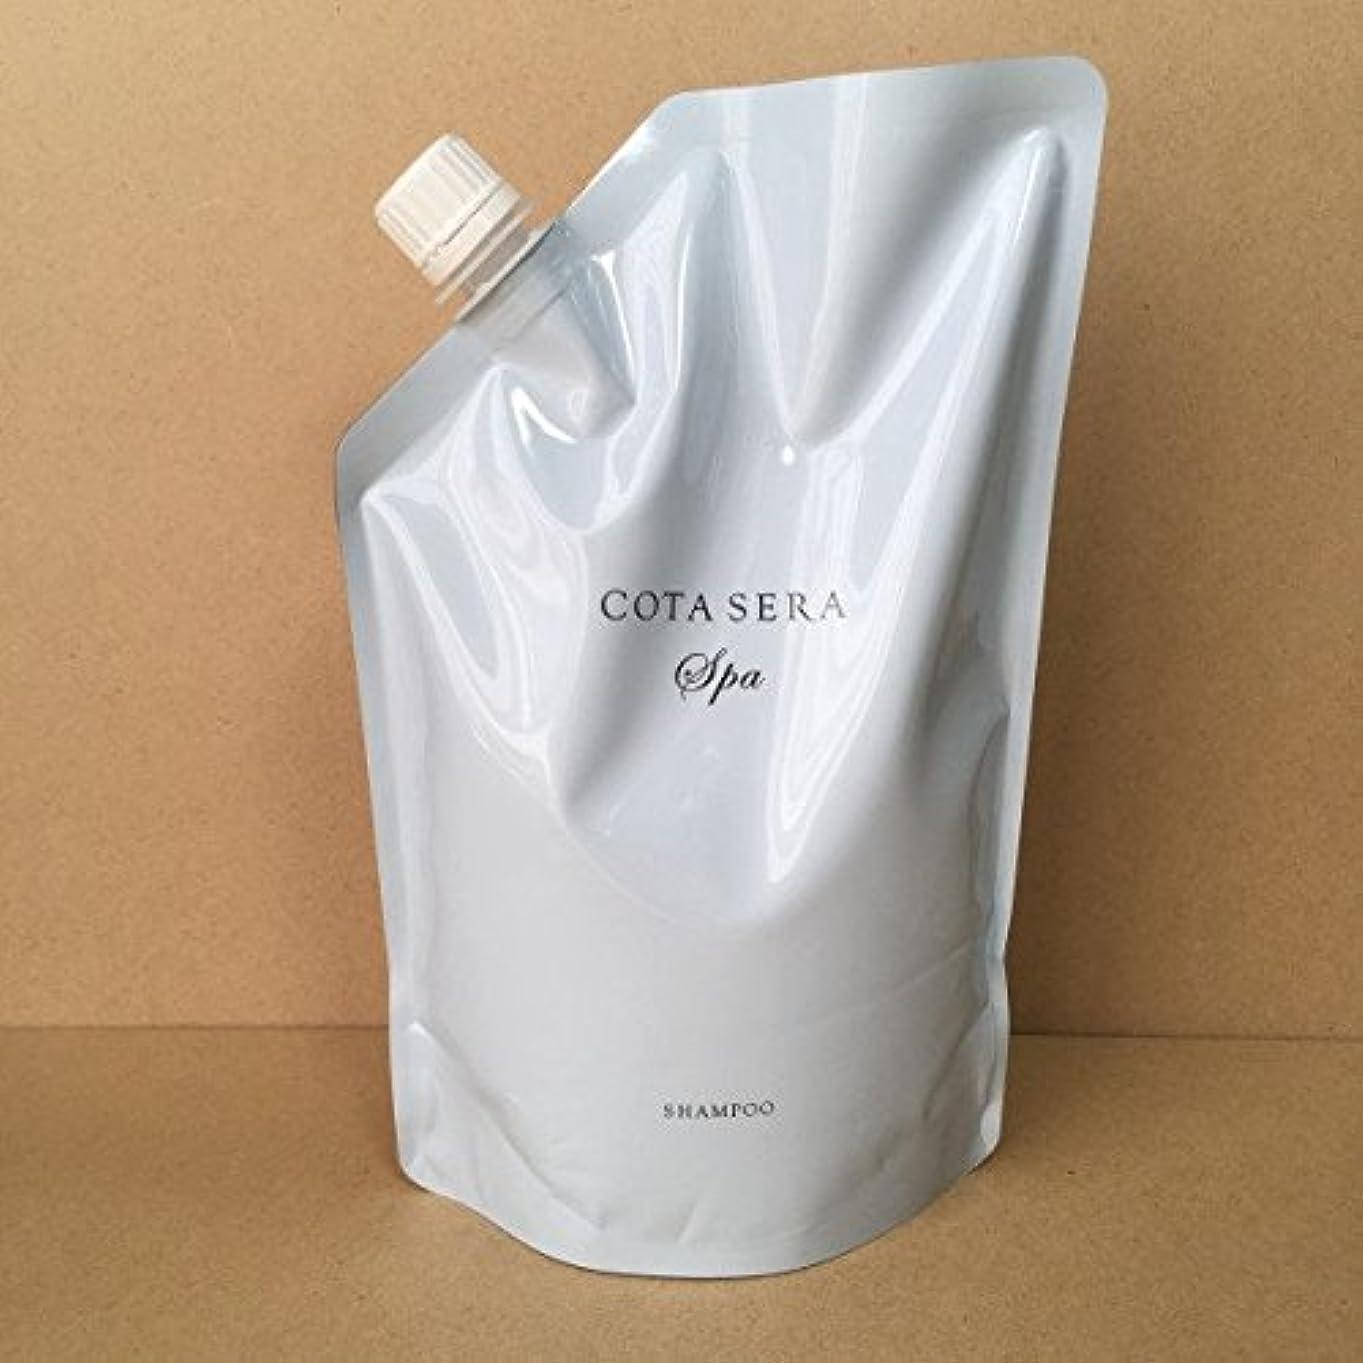 フォーム最も鎮痛剤コタセラ スパ シャンプー 750ml 詰め替え用